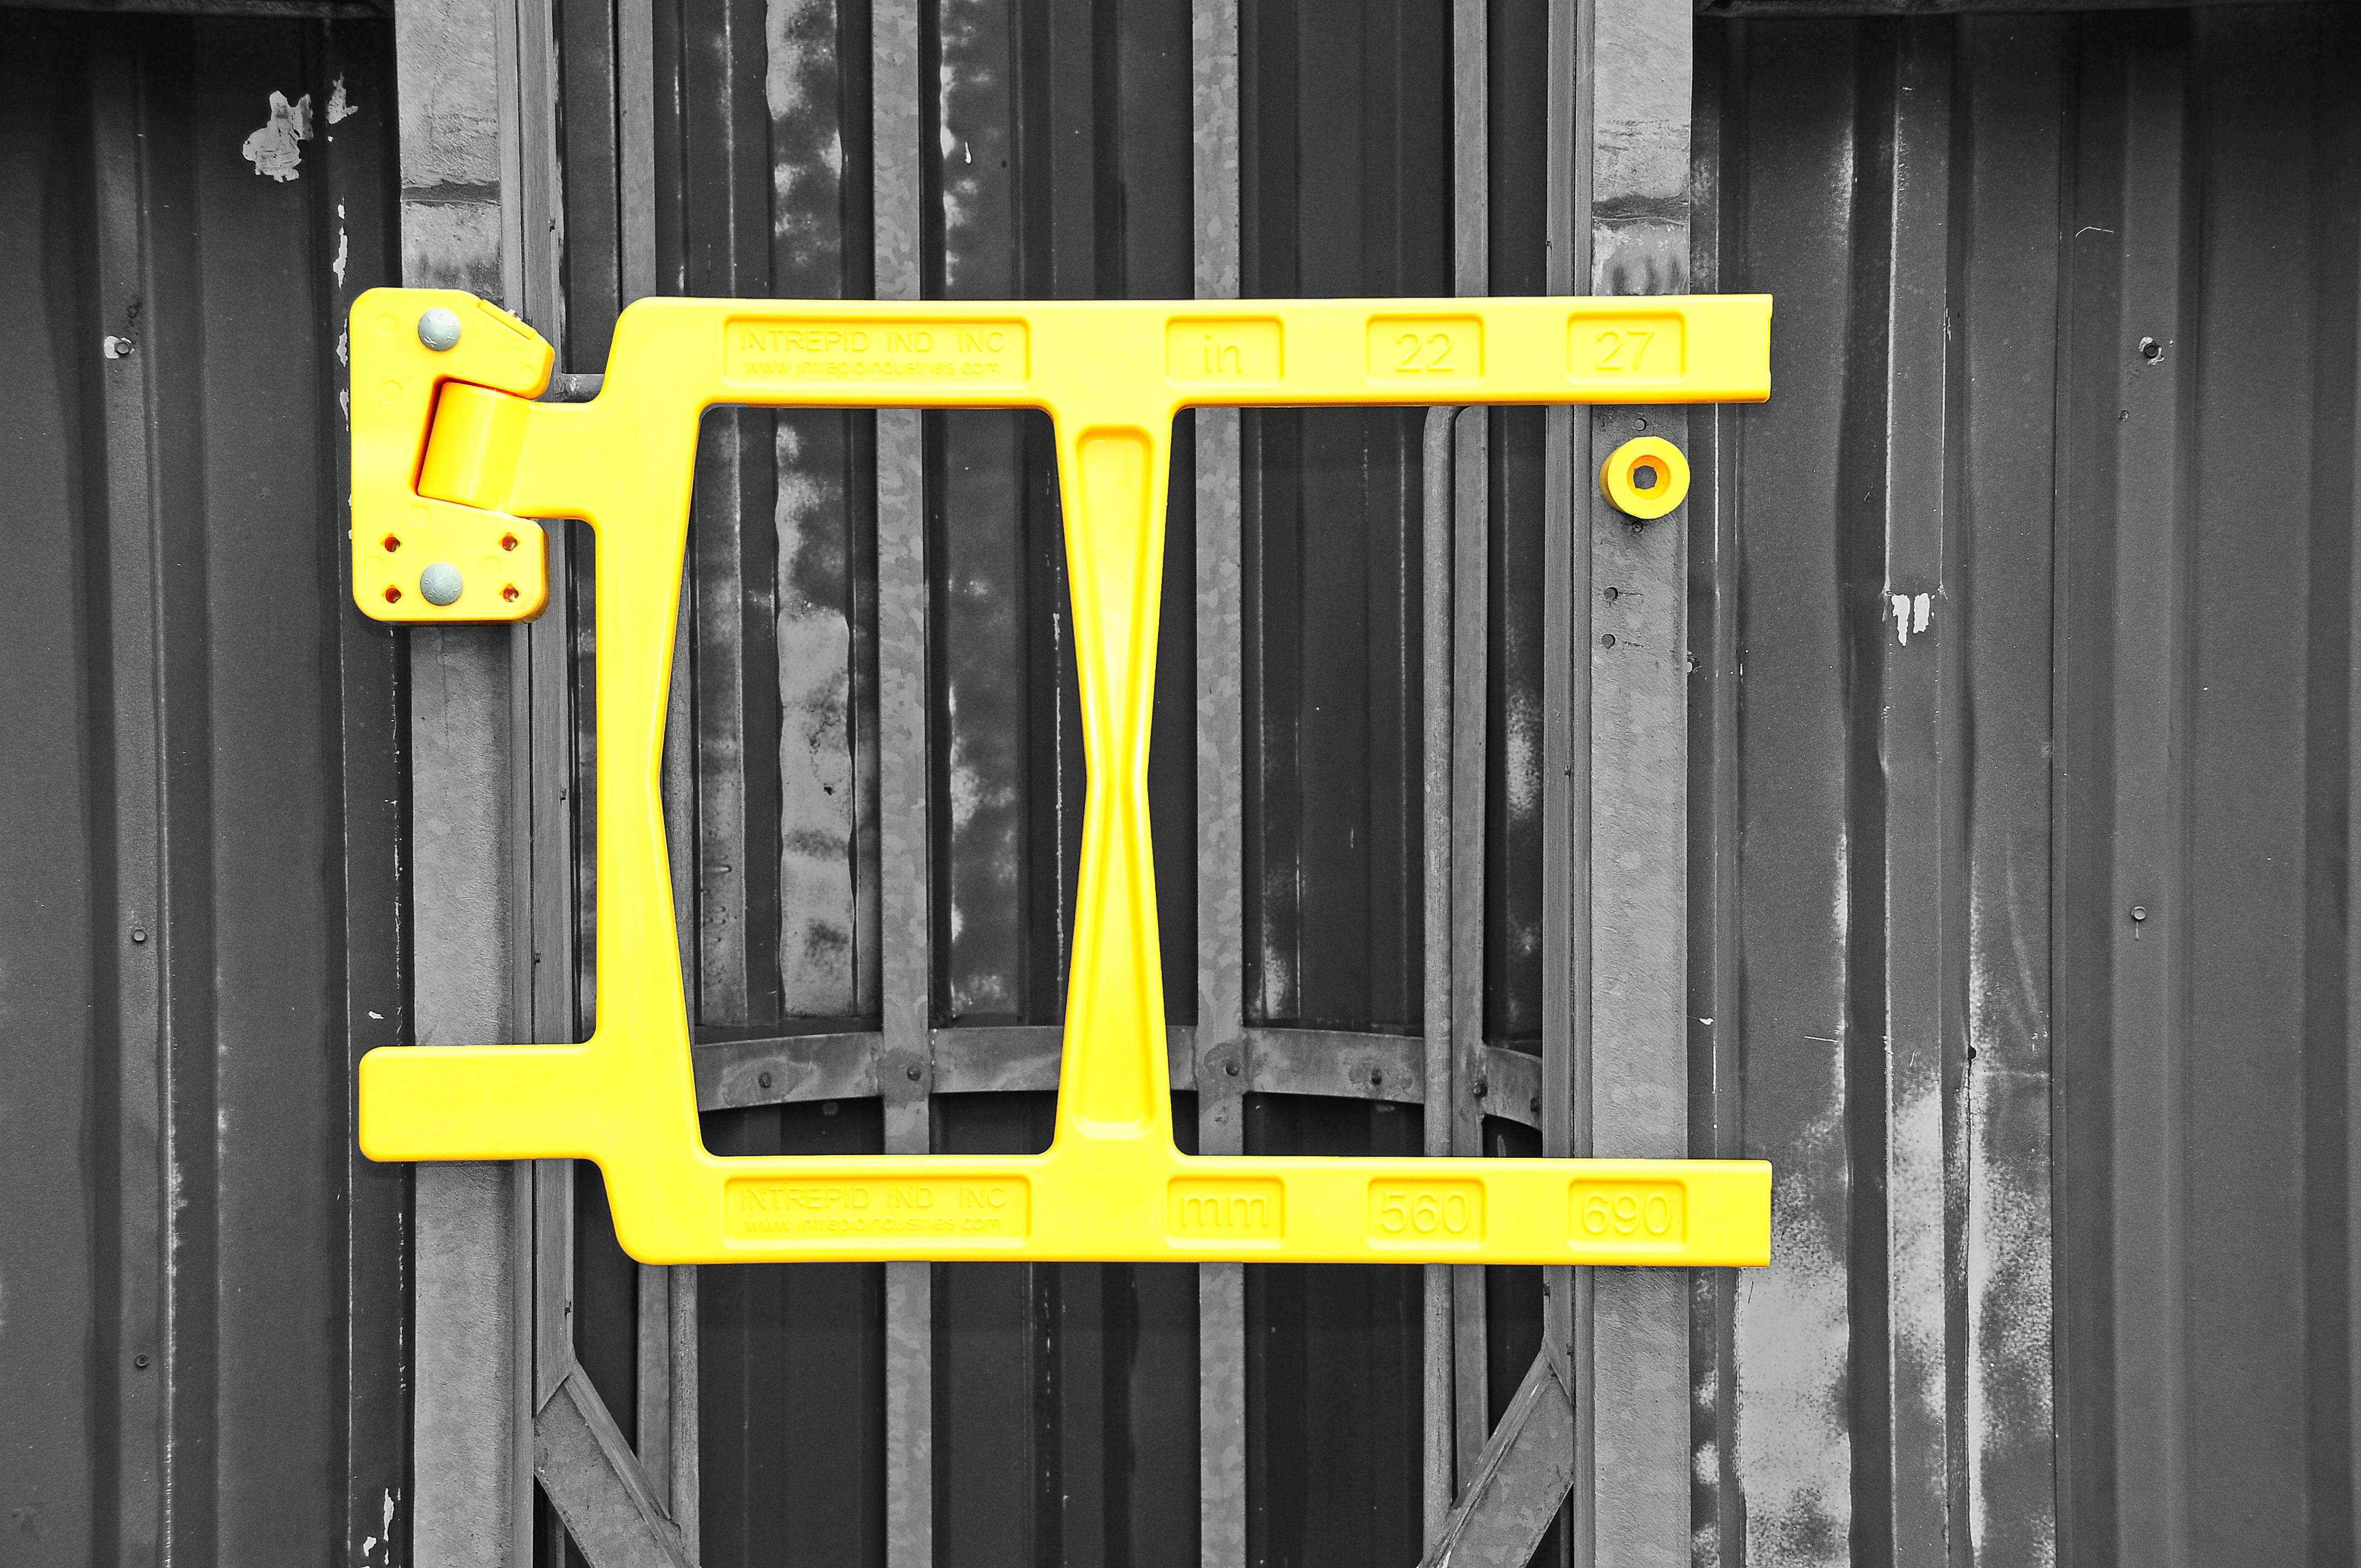 Craig International Safety Gate Udg 32 Cablesafe